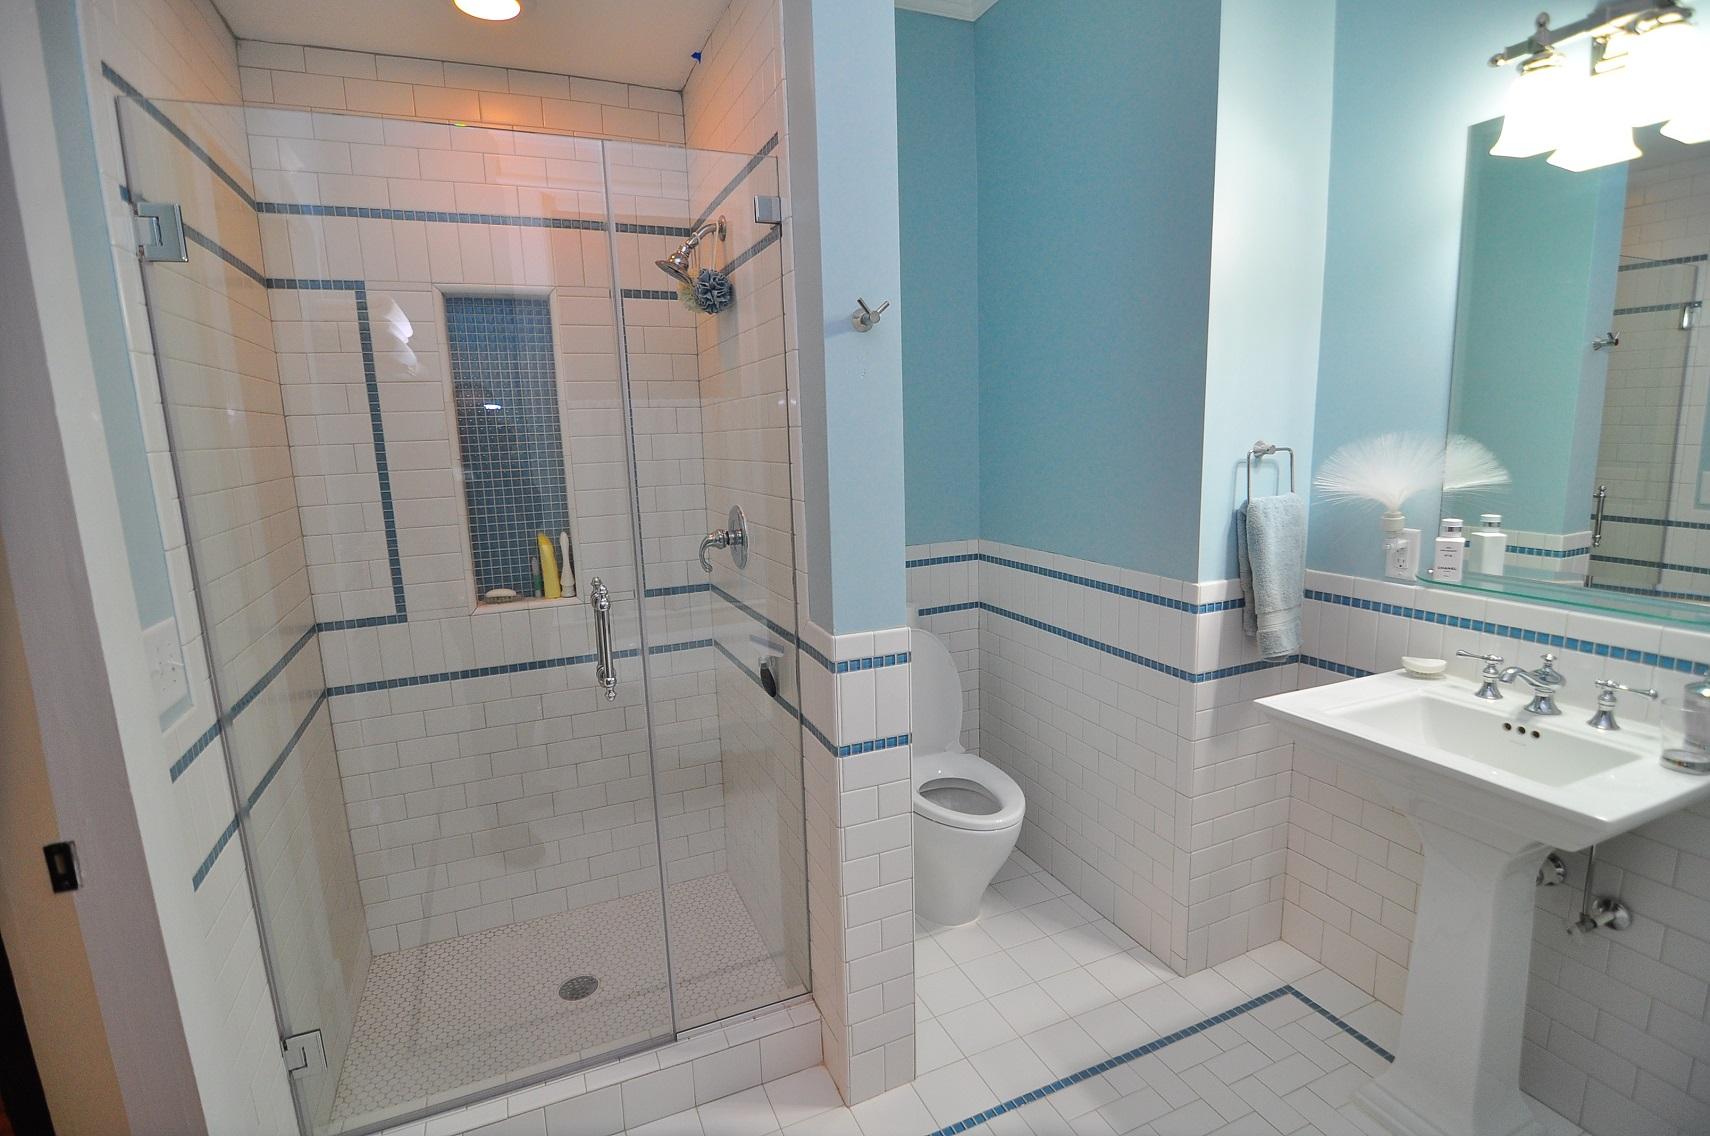 100 лучших идей: плитка для Дизайн маленькой ванной без кафеля